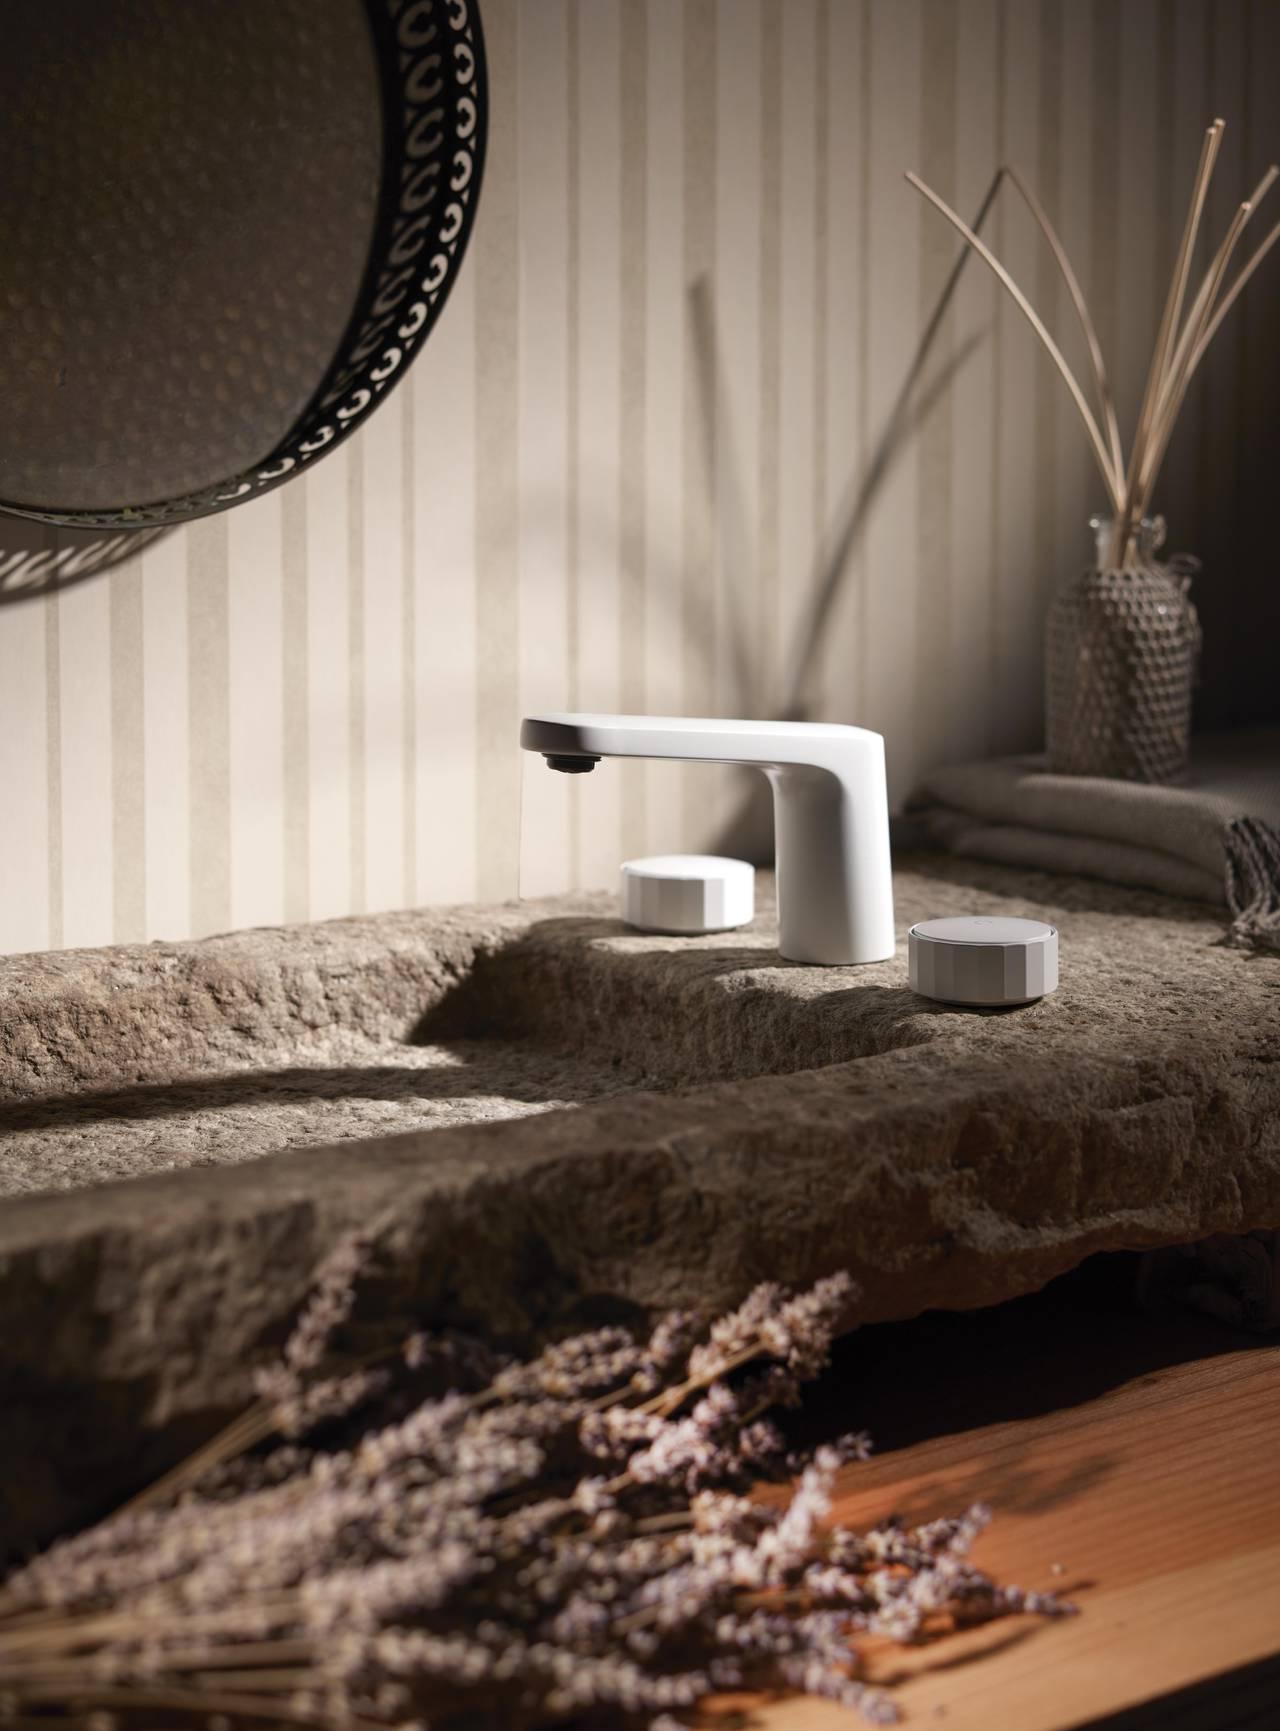 Miscelatore lavabo 3 fori della collezione Texture di FIMA Carlo Frattini firmata Meneghello Paolelli Associati con texture (V) Vertical, contraddistinta dal rigore geometrico di un poligono a 19 facce, in finitura Bianco Opaco.